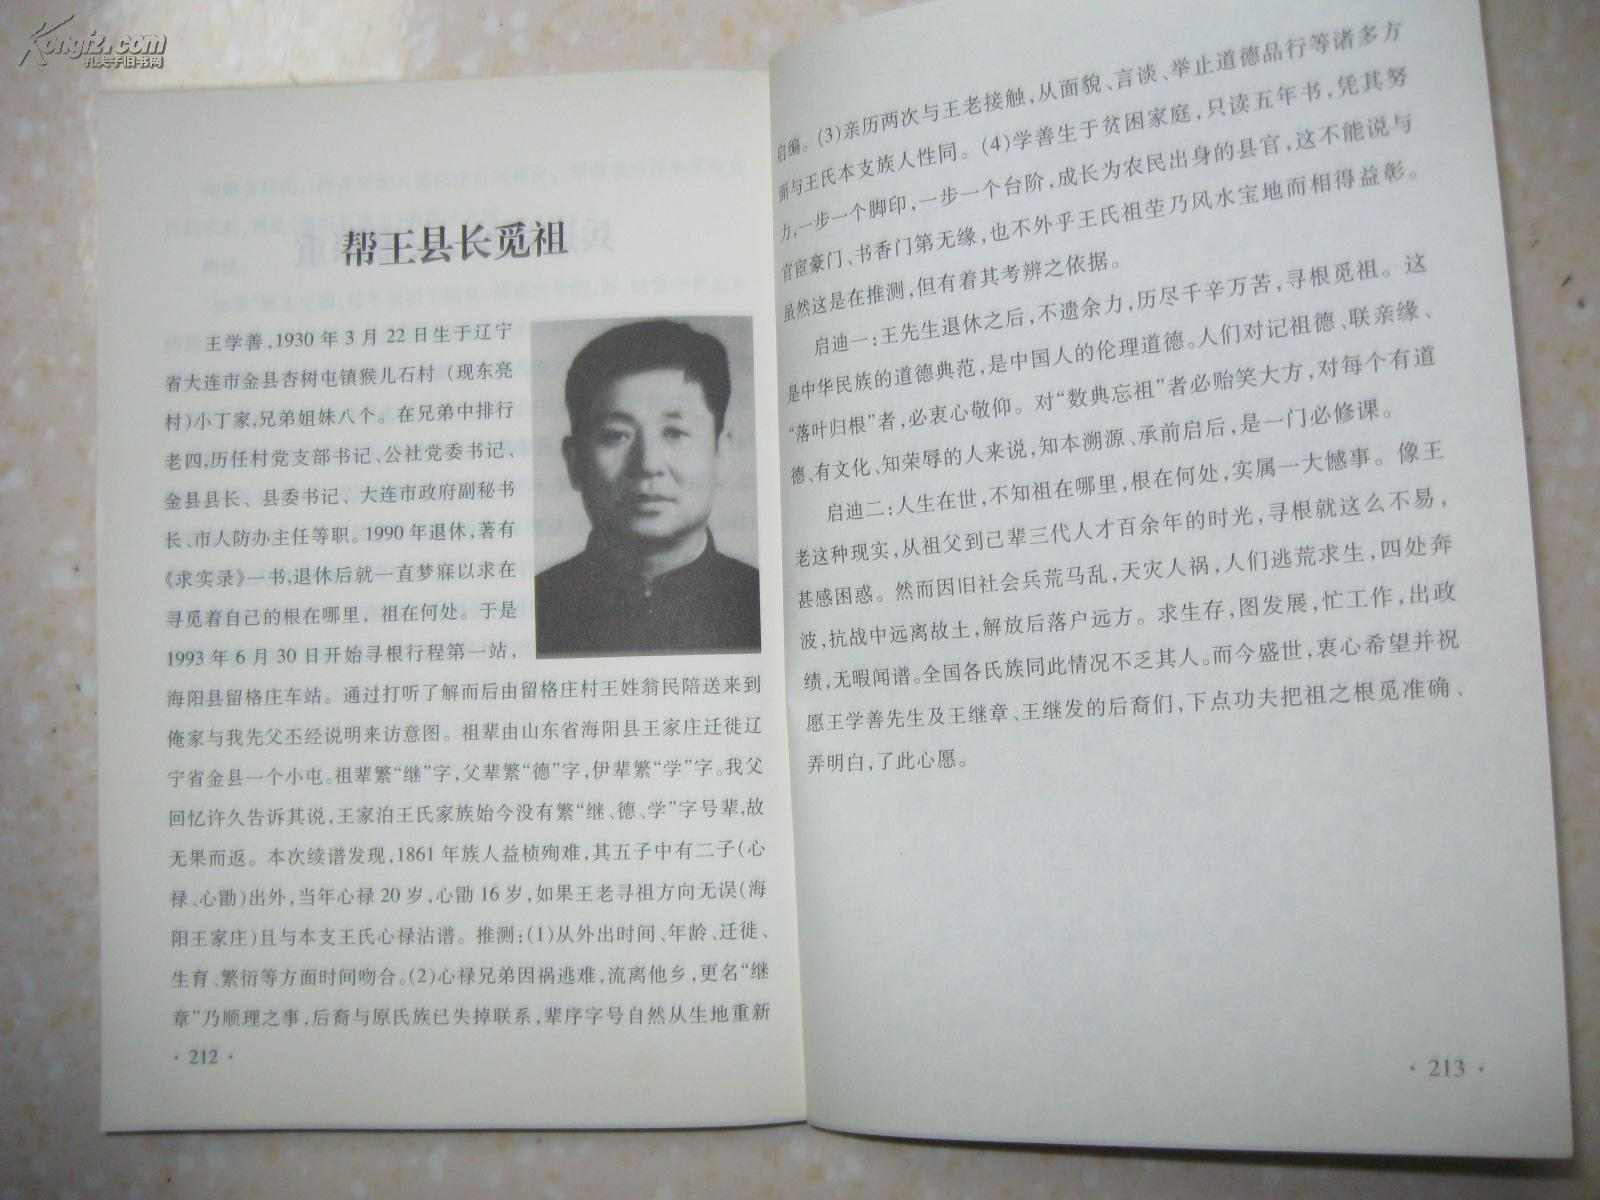 【图】王氏家谱(山东省海阳市留格庄镇王家泊村王氏图片